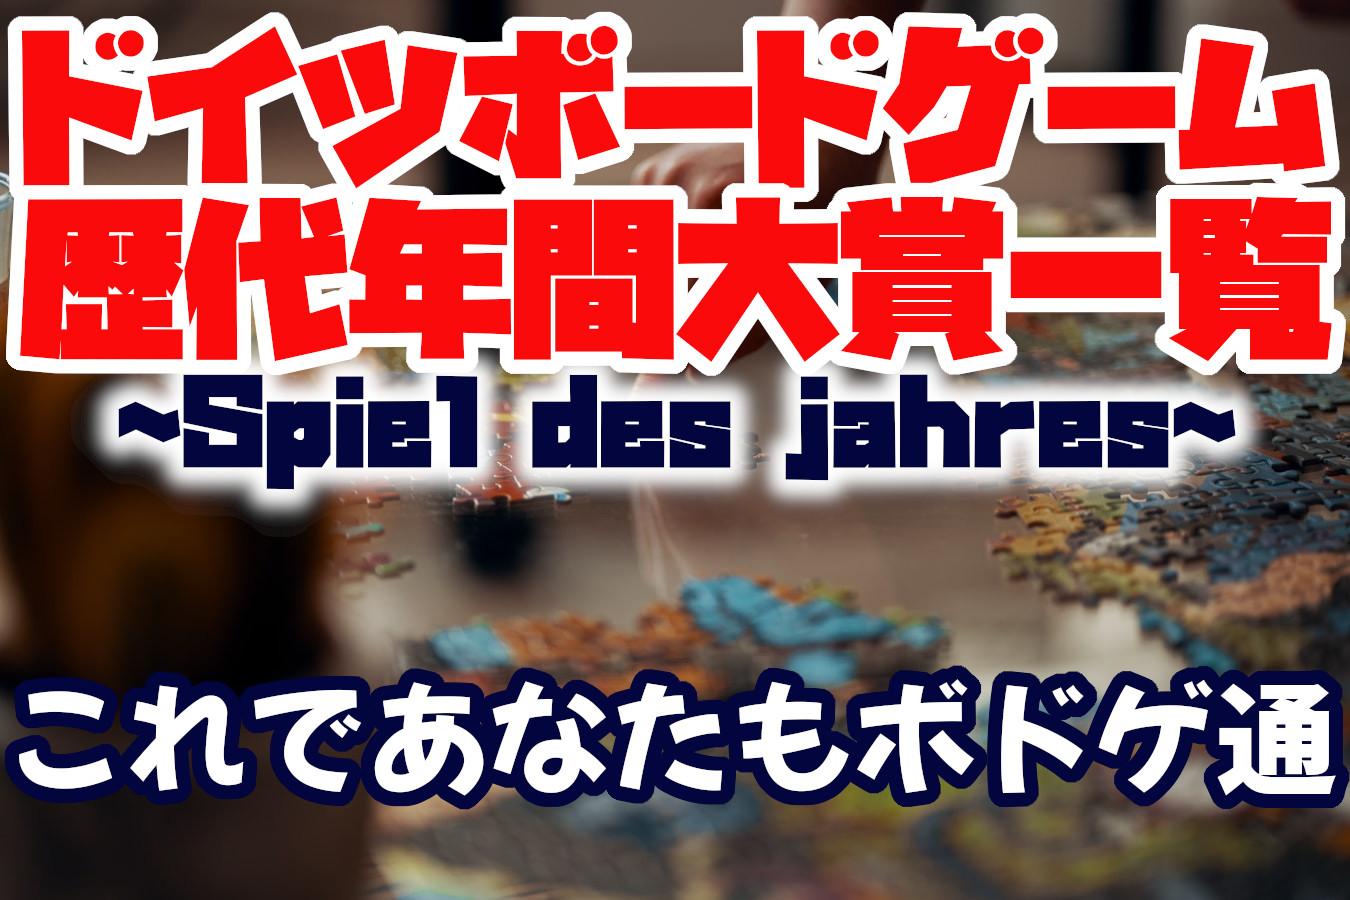 【保存版】ドイツボードゲーム歴代年間大賞一覧(Spiel des jahres)【2021年最新版】